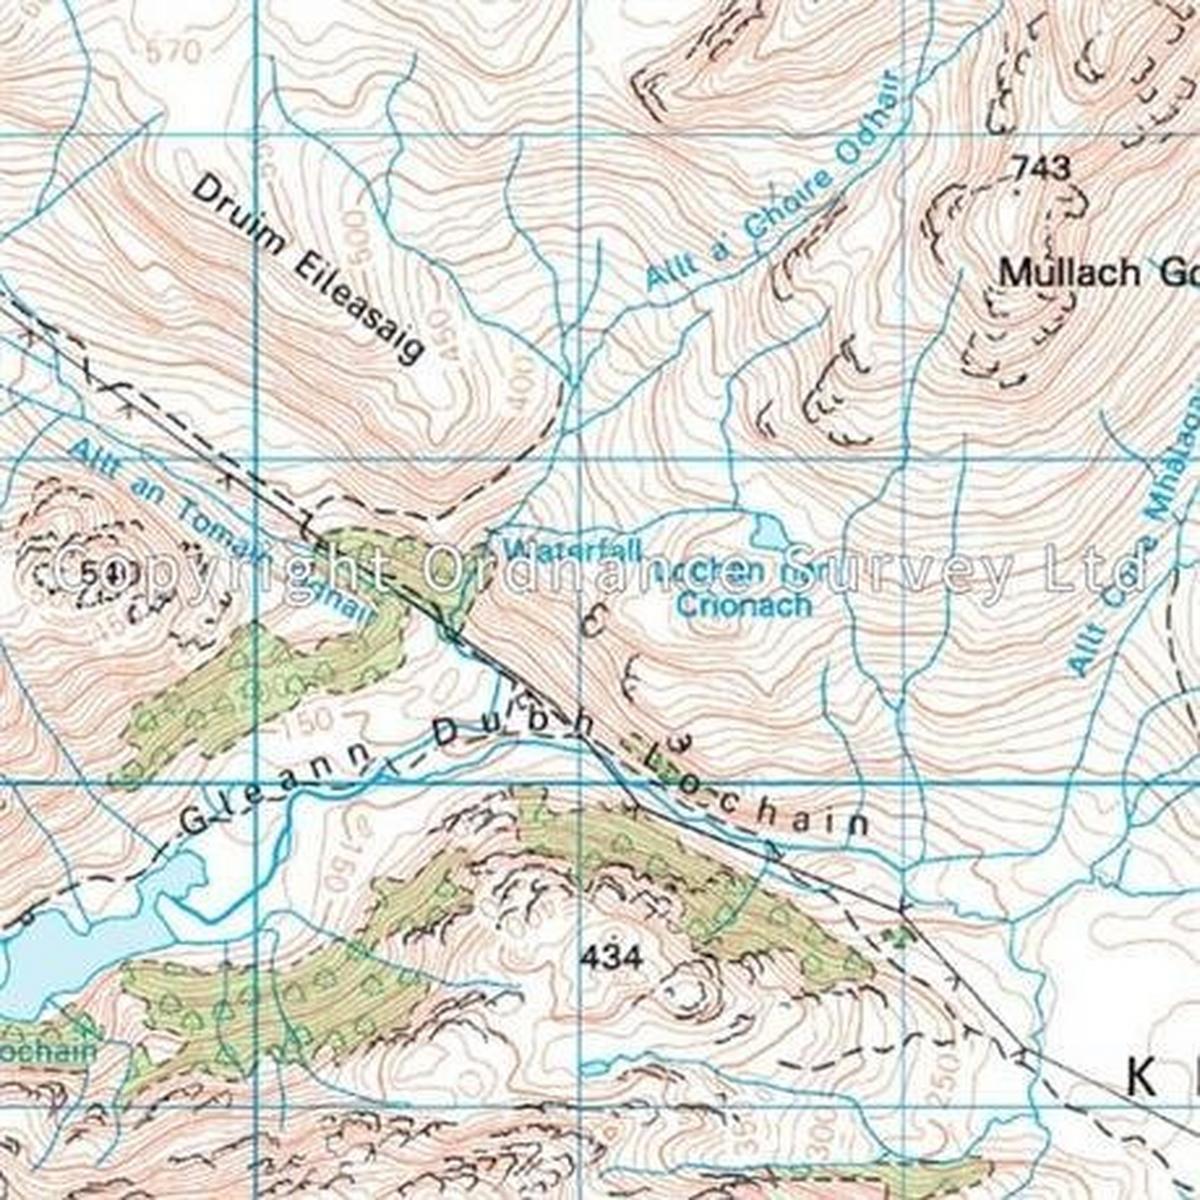 Ordnance Survey OS Landranger ACTIVE Map 33 Loch Alsh, Glen Shiel & Loch Hourn